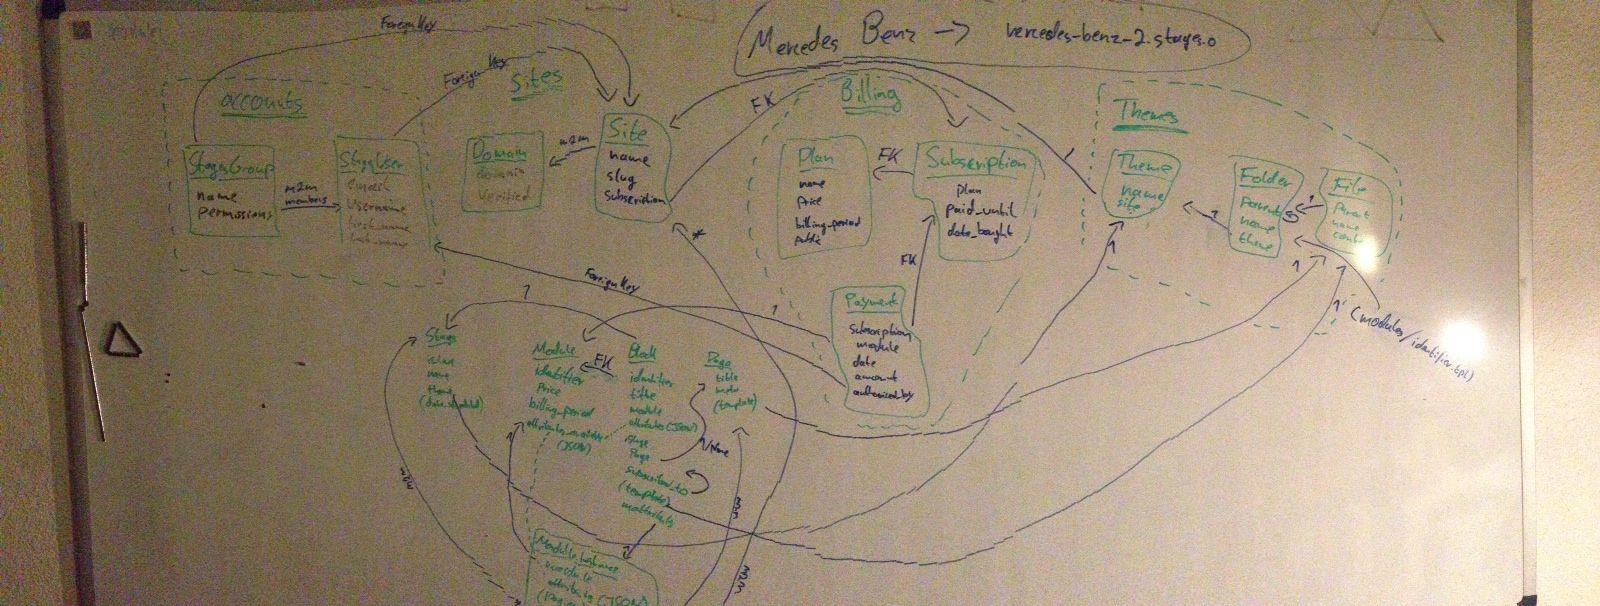 Database Structure v1